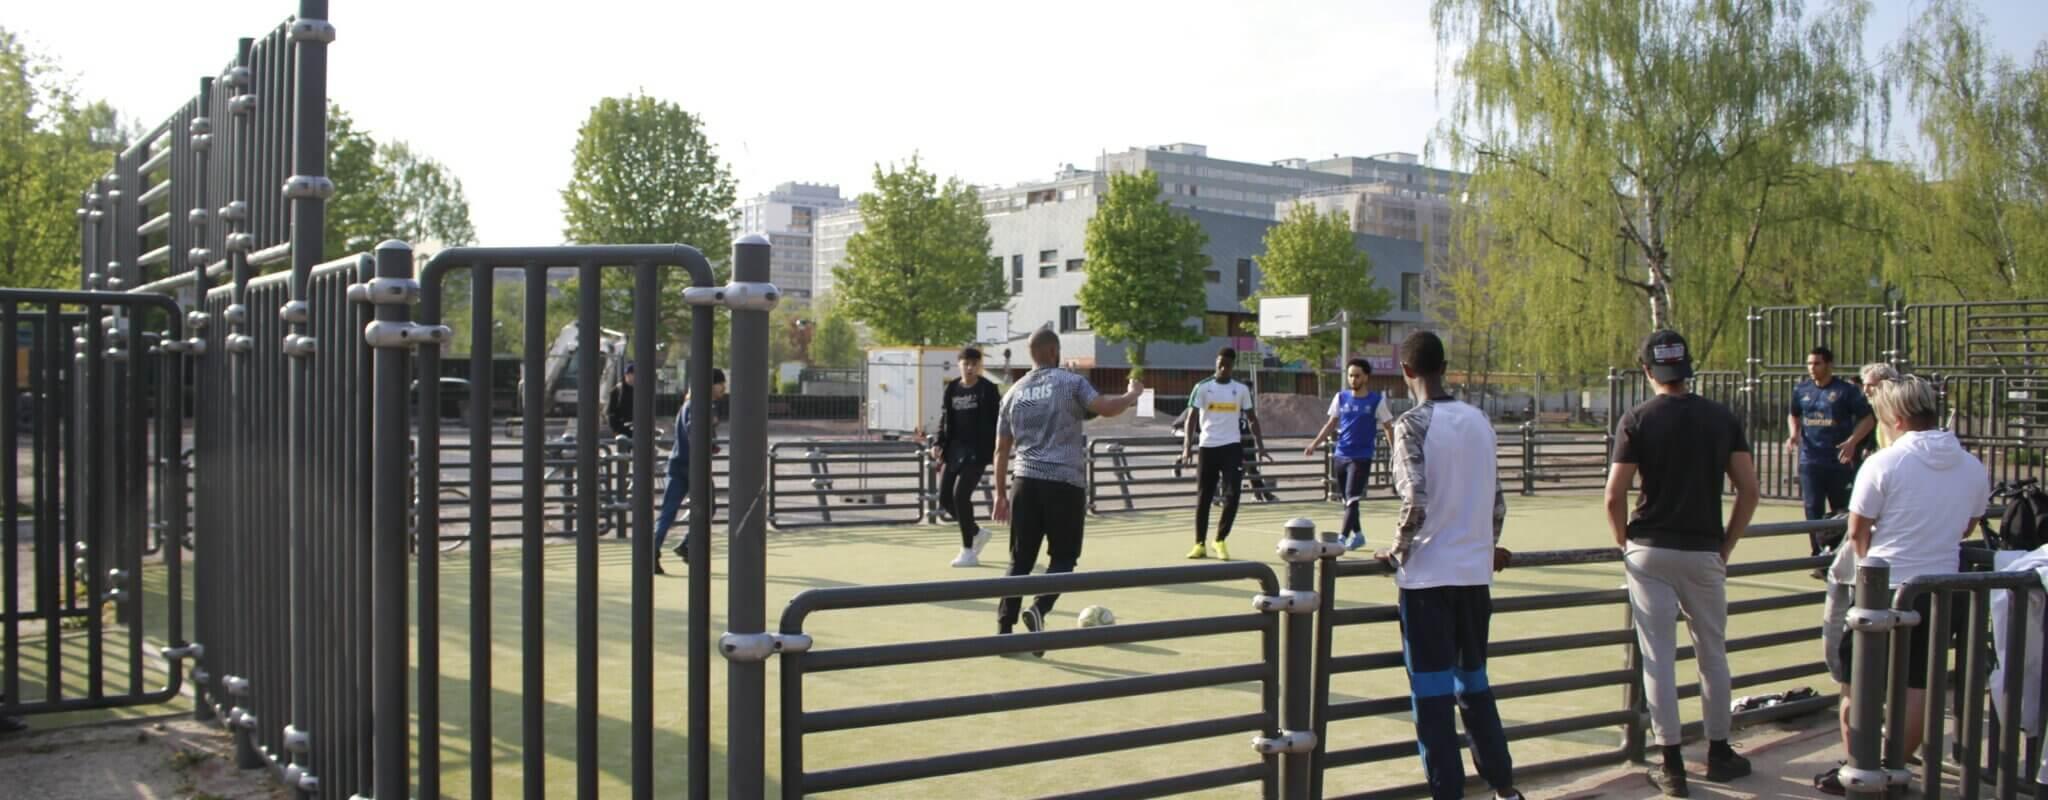 Dans l'utilisation des rares terrains de sports collectifs, les filles cèdent la place aux garçons